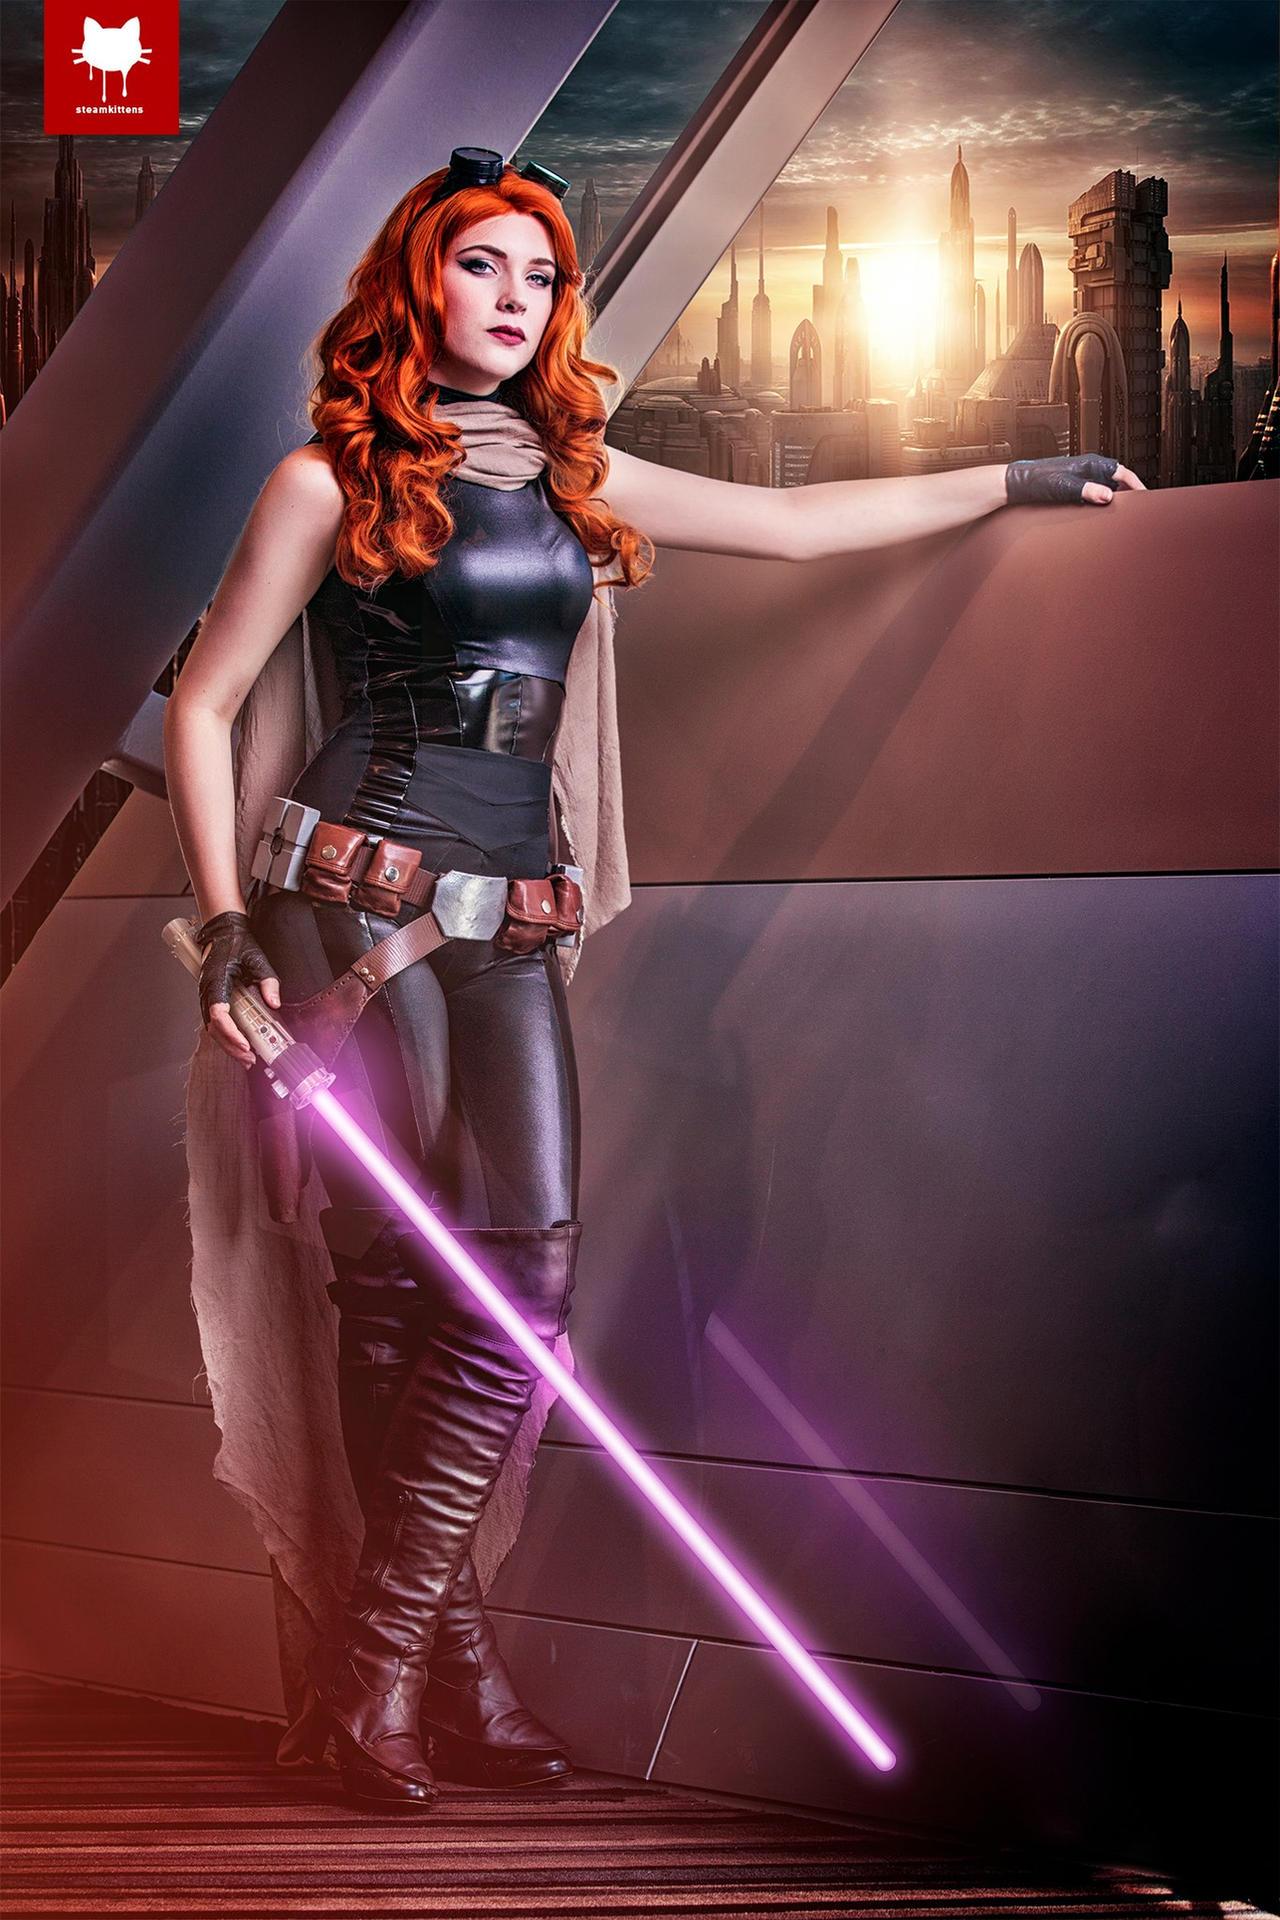 Mara Jade Skywalker by steamkittens